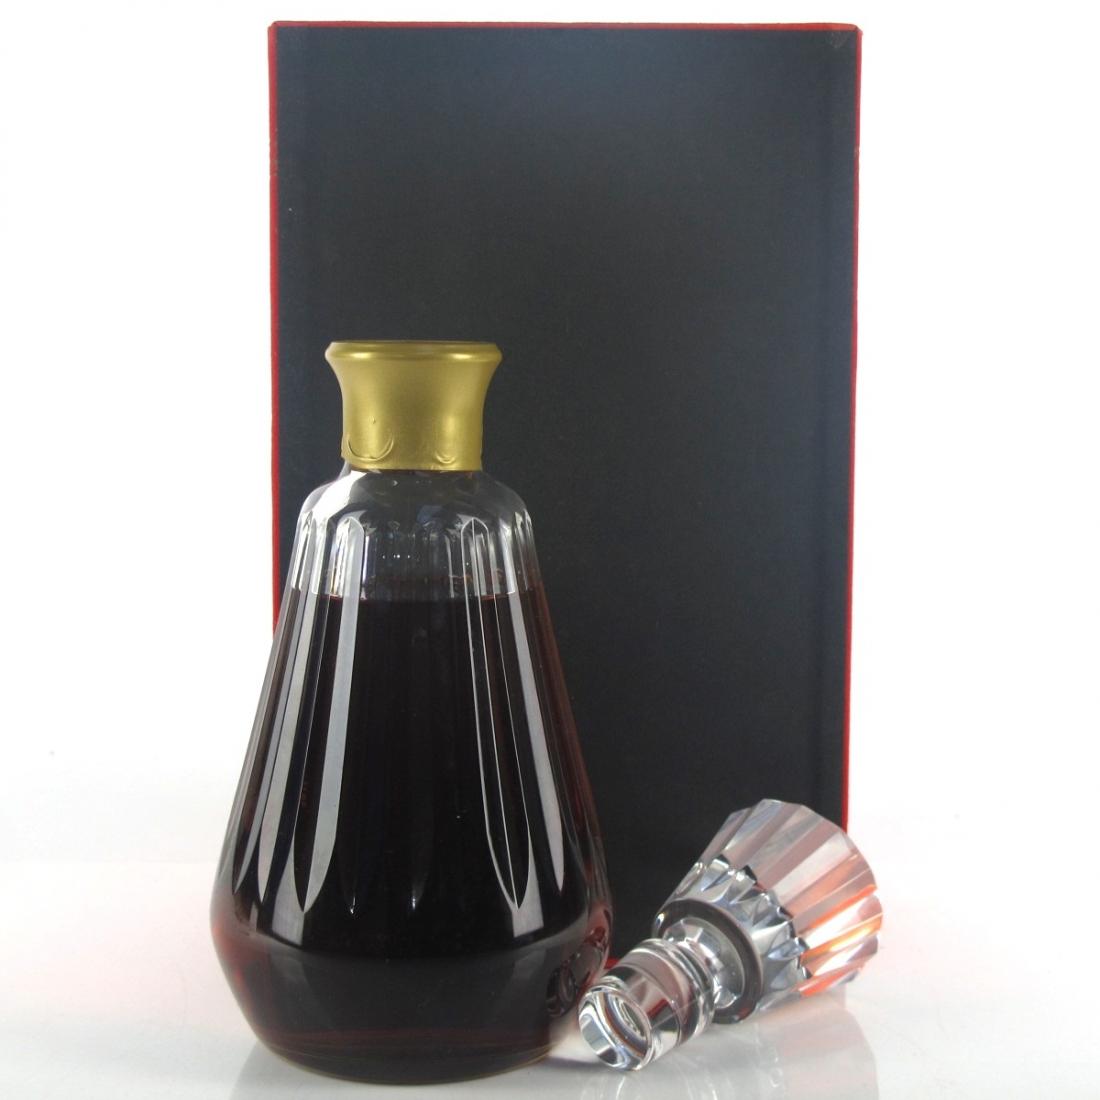 Camus Cognac Baccarat Crystal Decanter